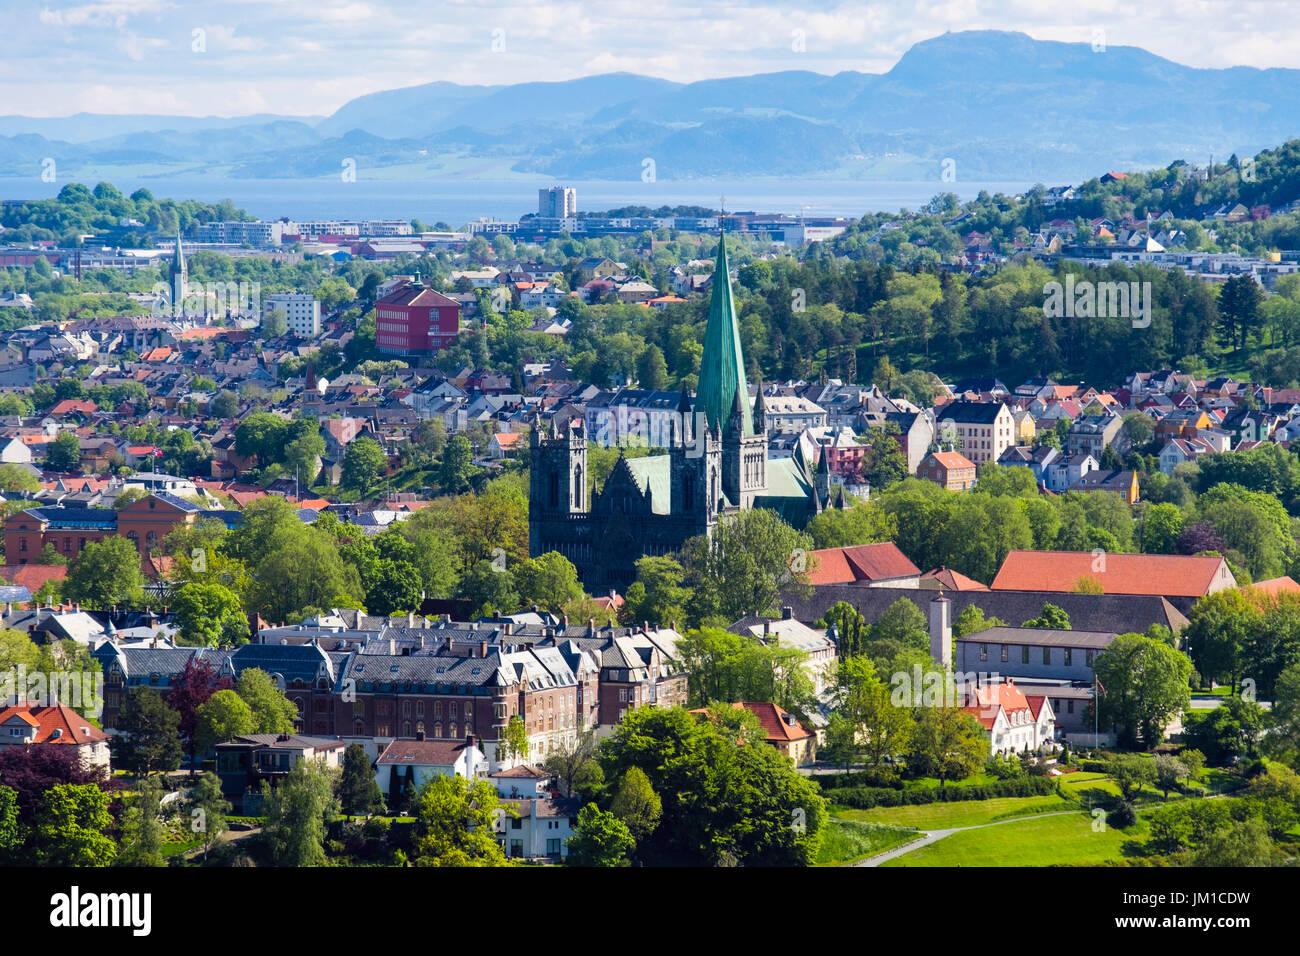 Vue sur la vieille ville avec la Cathédrale de Nidaros en été. Trondheim, Sør-Trøndelag, Norvège, Scandinavie Photo Stock